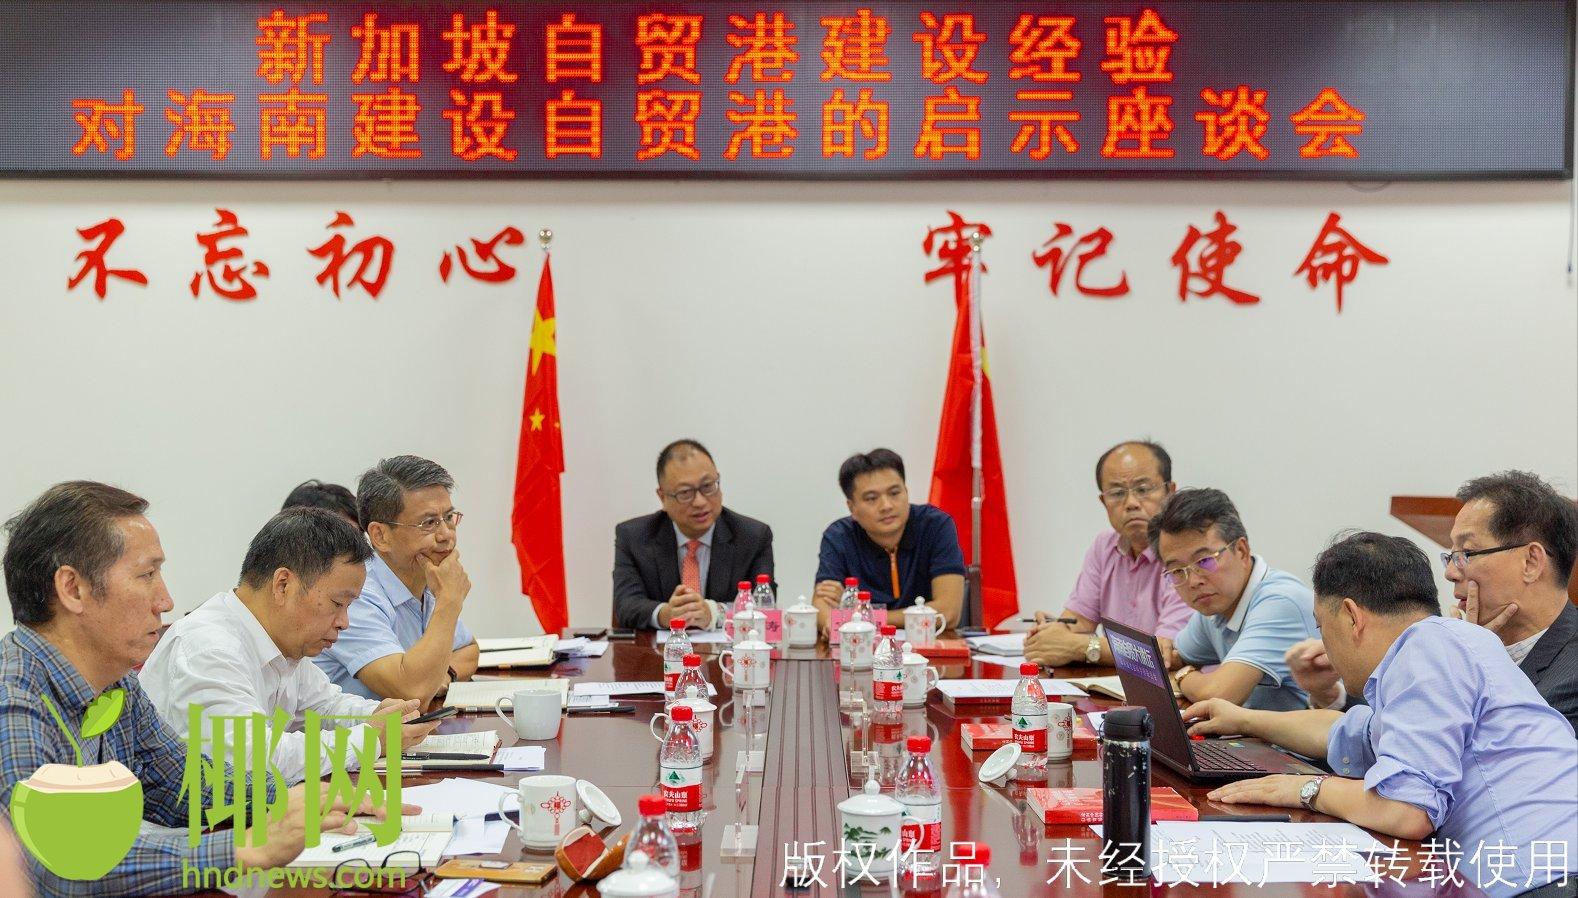 新加坡自贸港建设经验对建设海南自贸港的启示座谈会海口举行